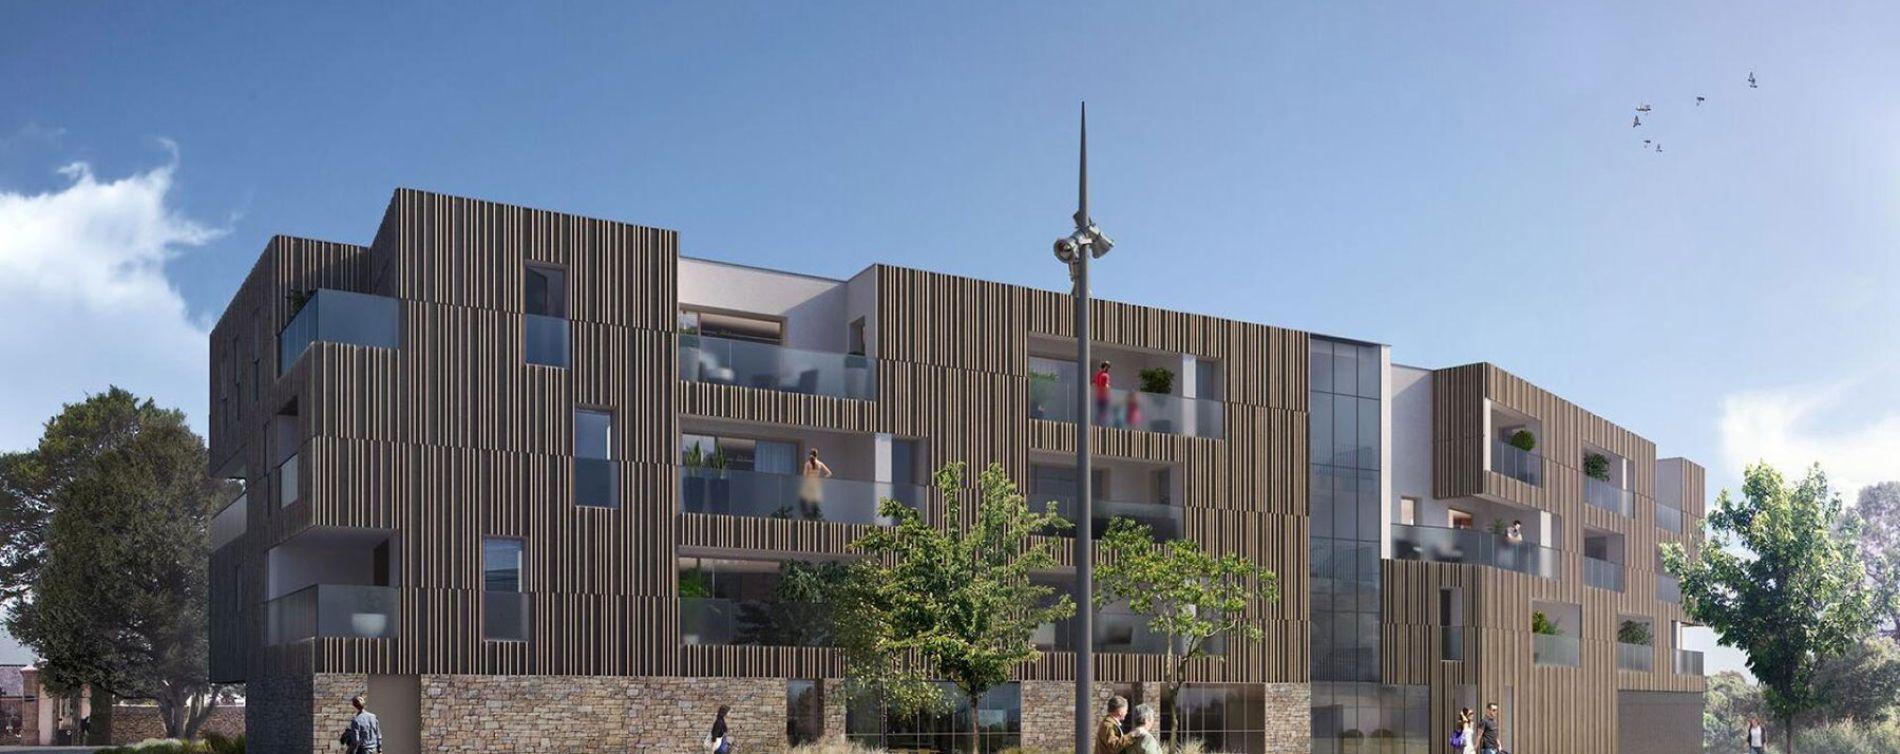 Sarzeau : programme immobilier neuve « Programme immobilier n°217771 » (2)